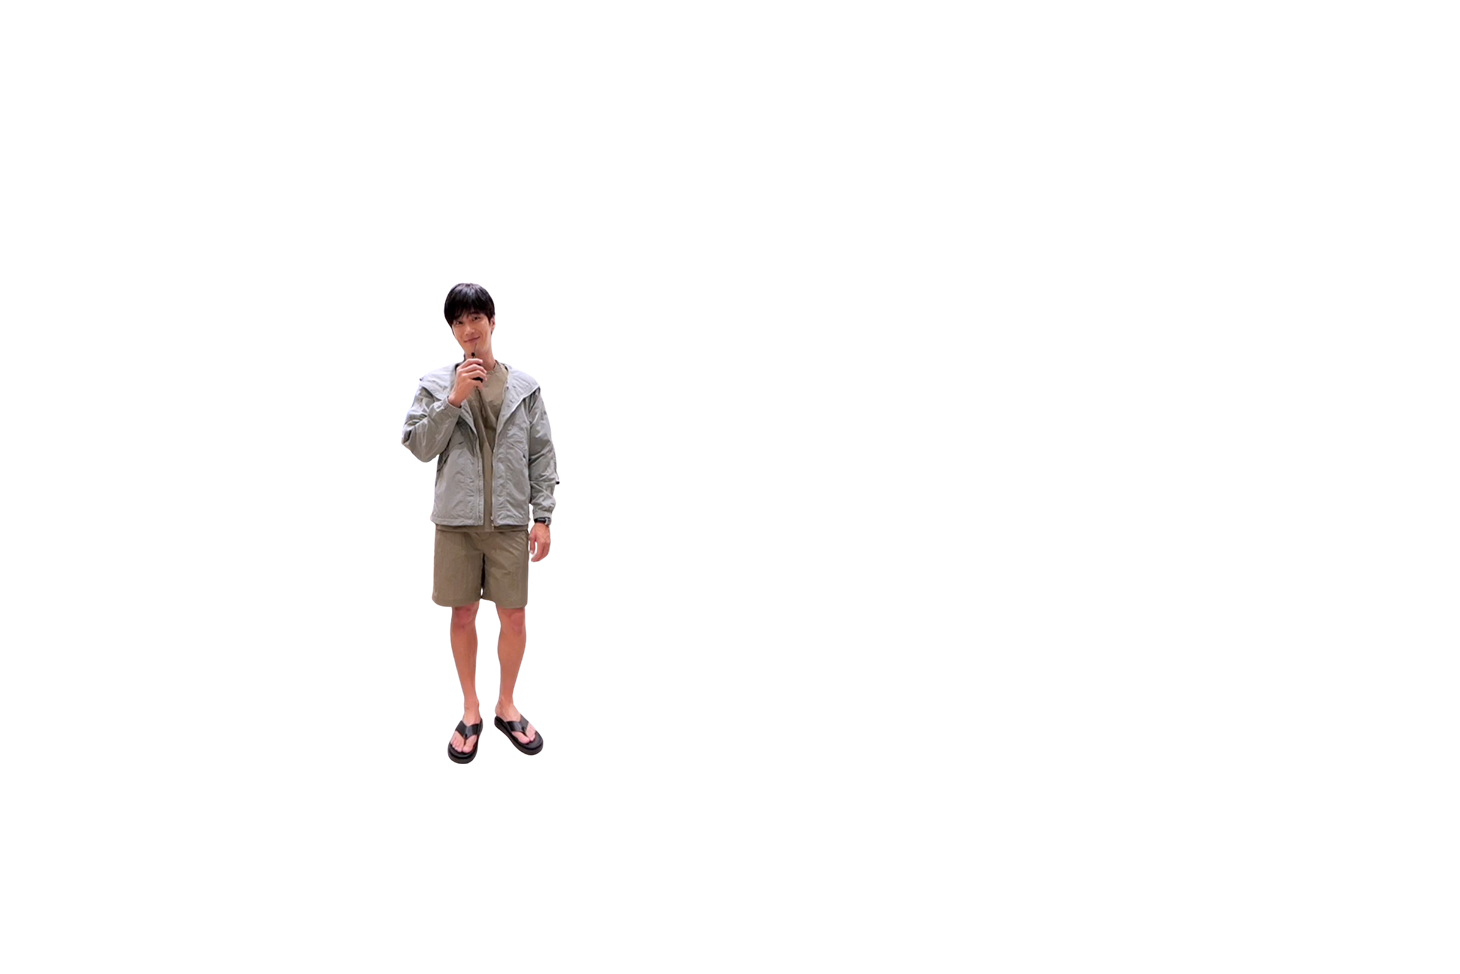 안보현 #2